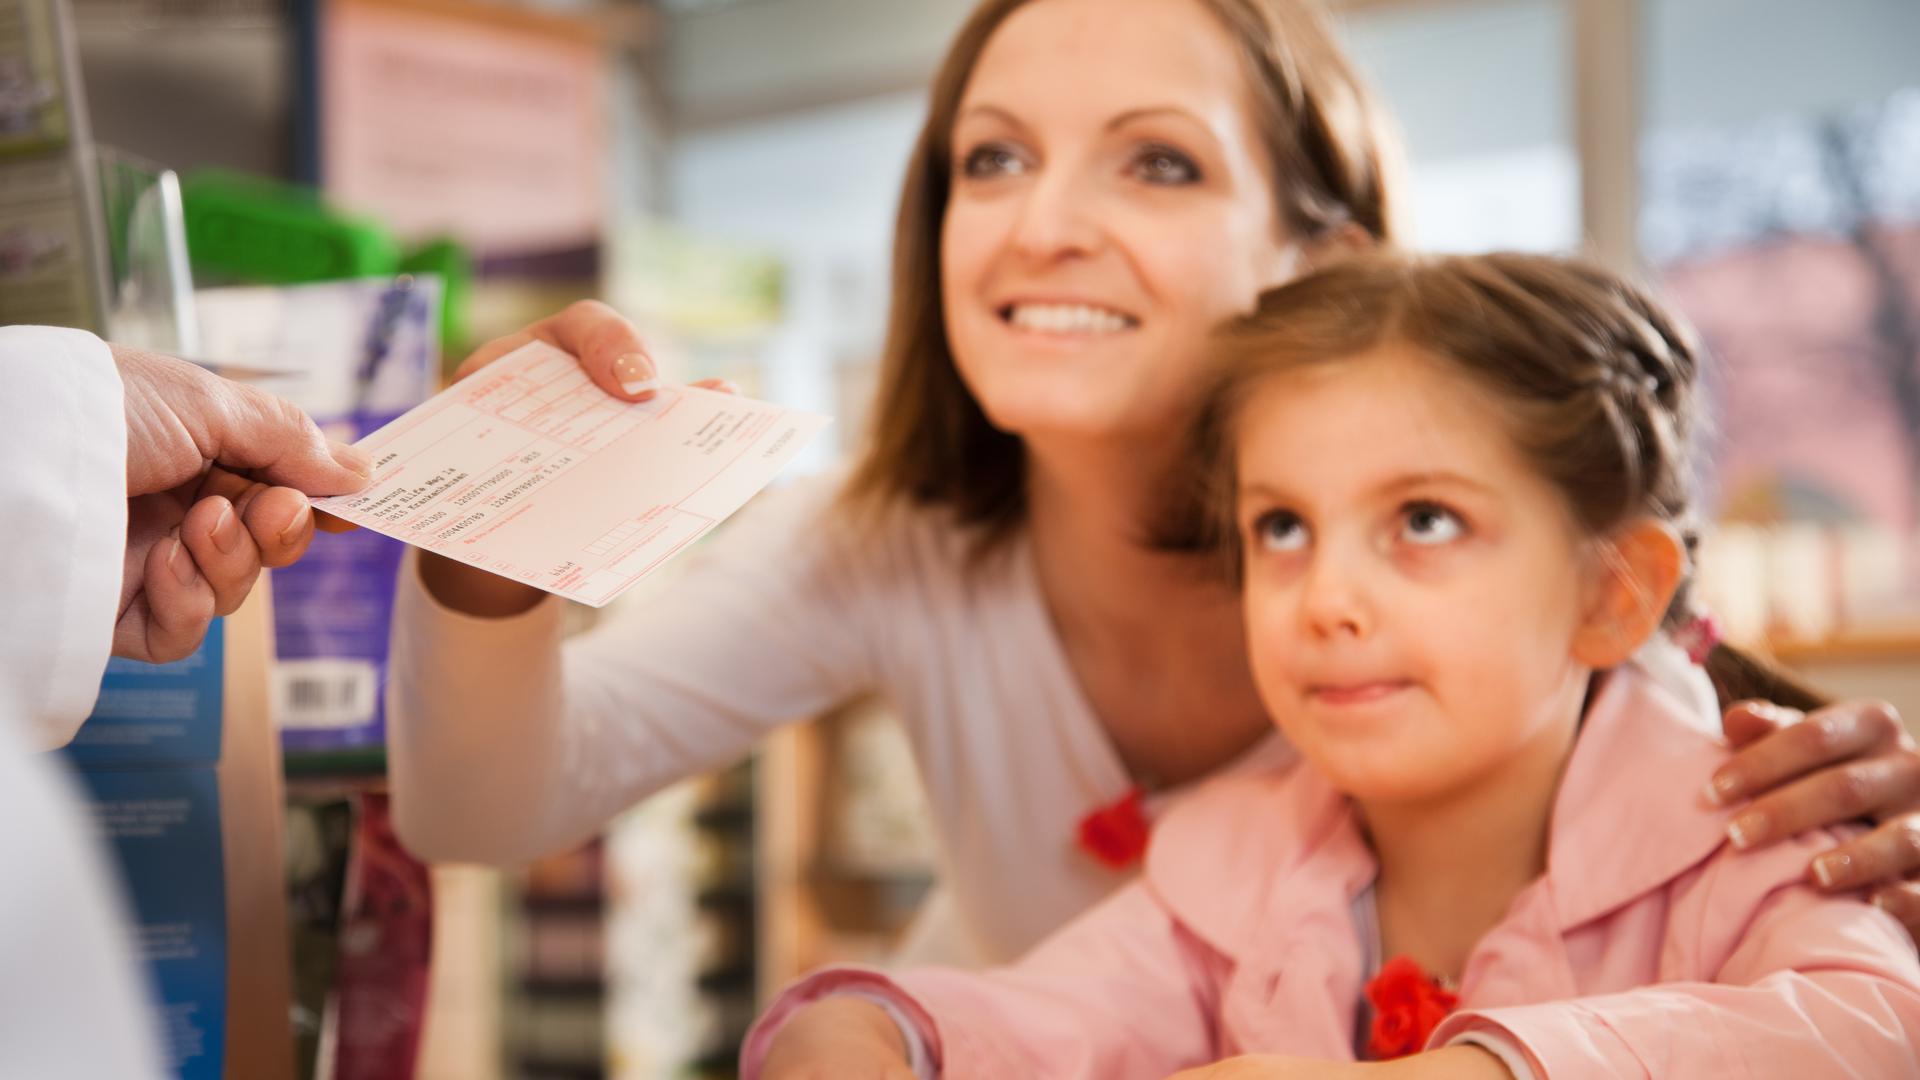 Mutter mit Kind holt in der Apotheke ein Medikament ab.